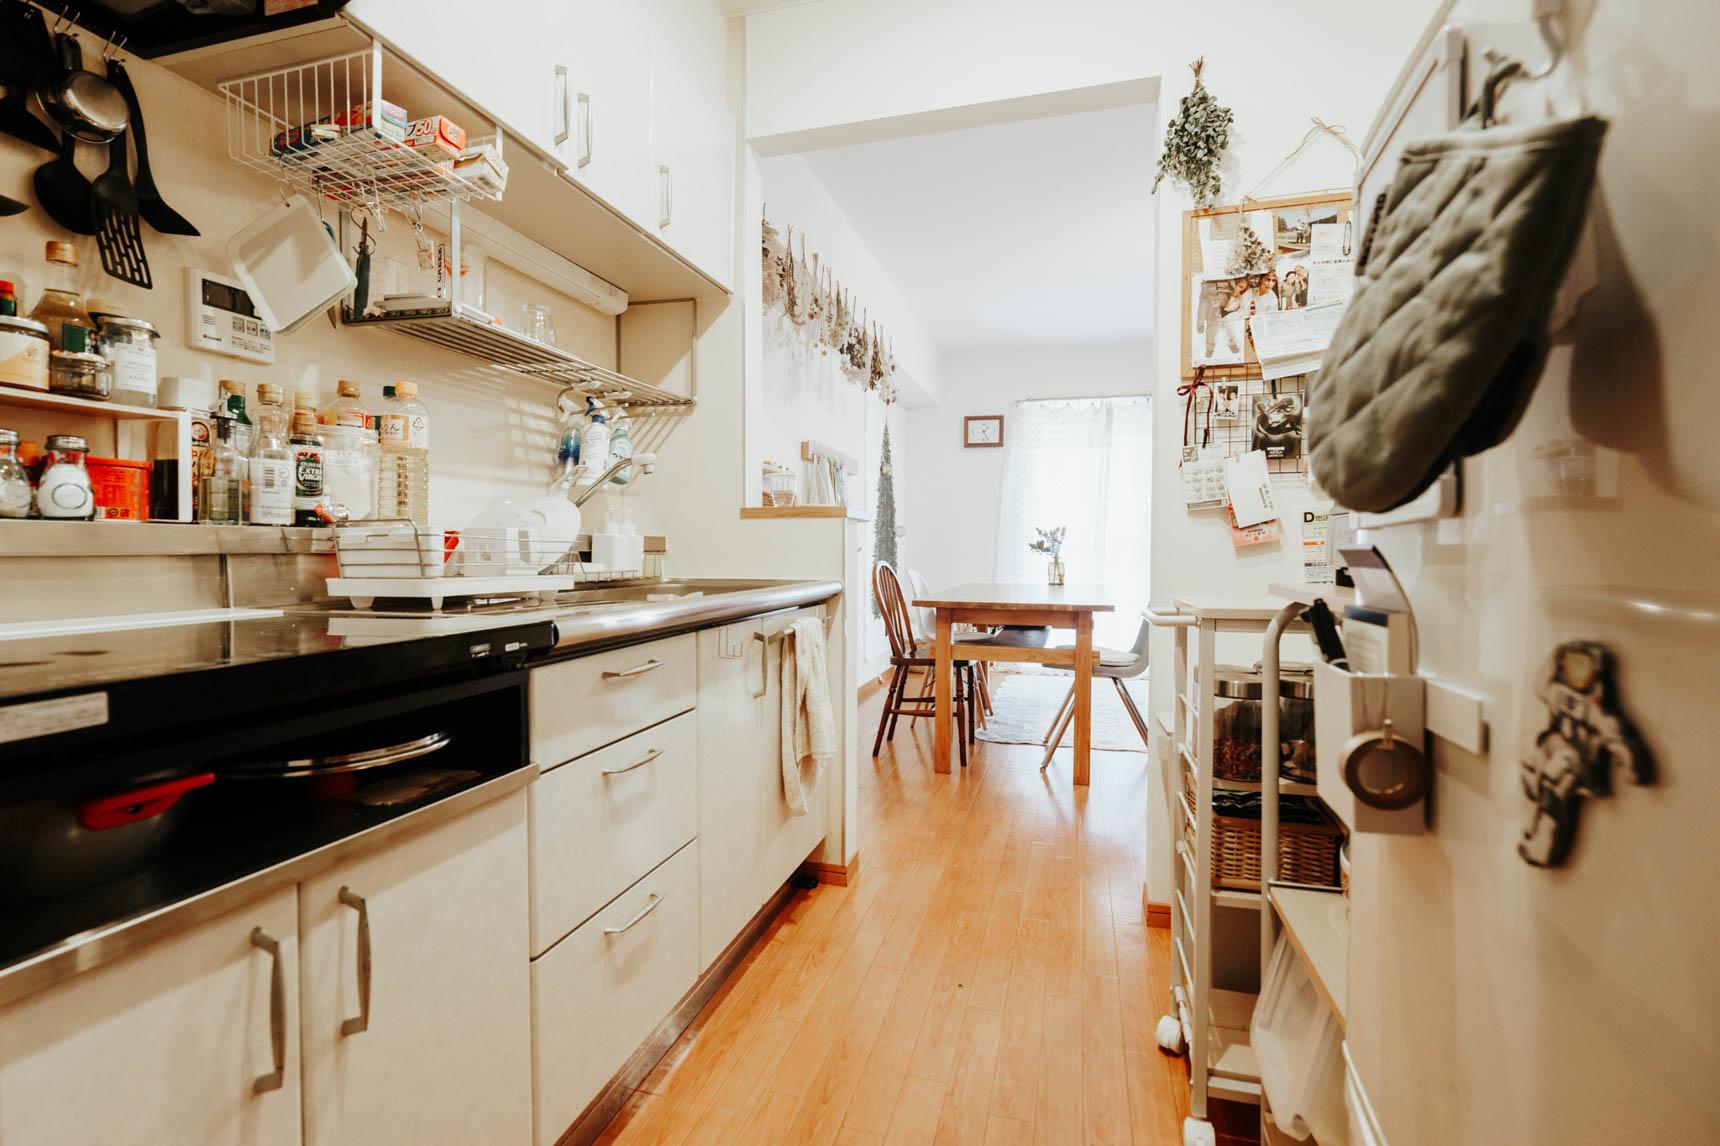 お料理上手のぽしさん。吊るす収納をたくさん活用してキッチンも整頓されています。